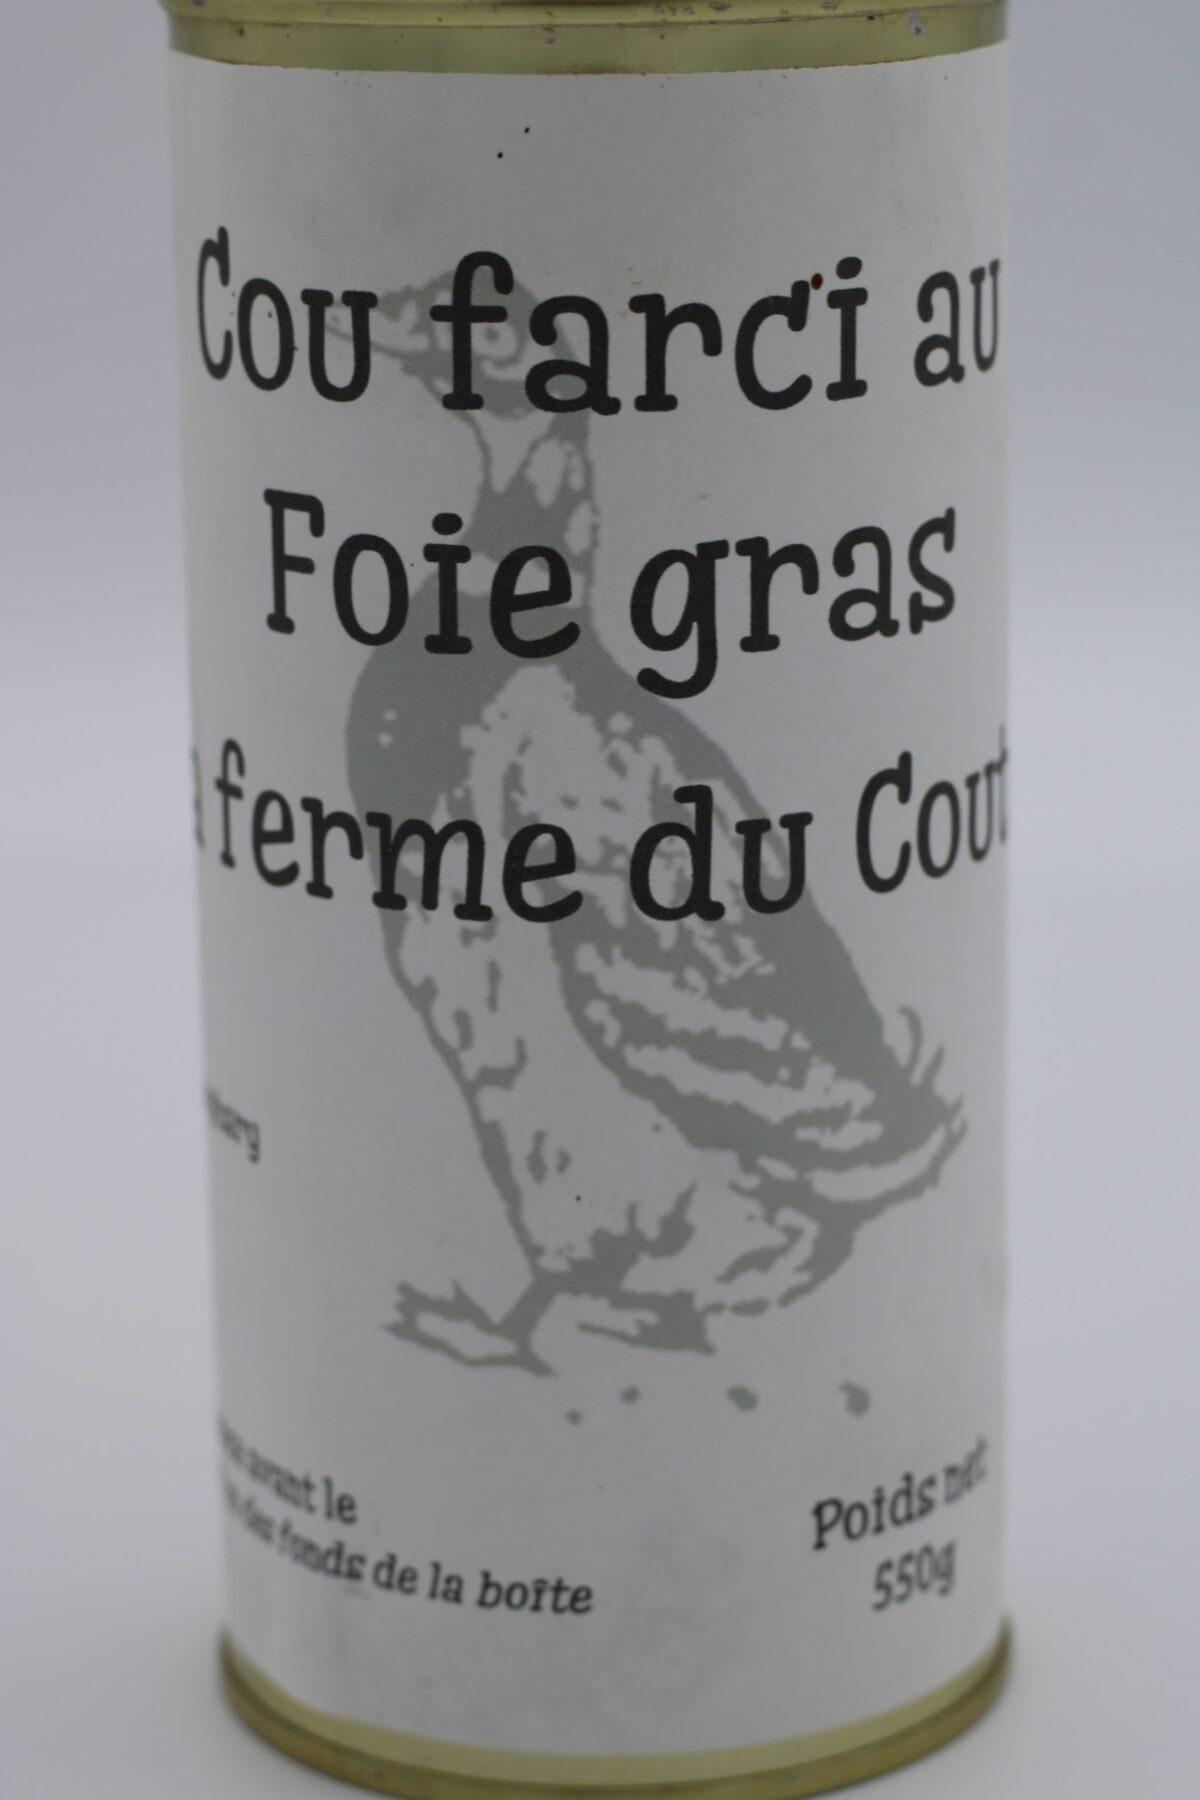 cou de canard farci eu foie gras en conserve de 550 gr de l'épicerie primeur nos champs occitans à montauban